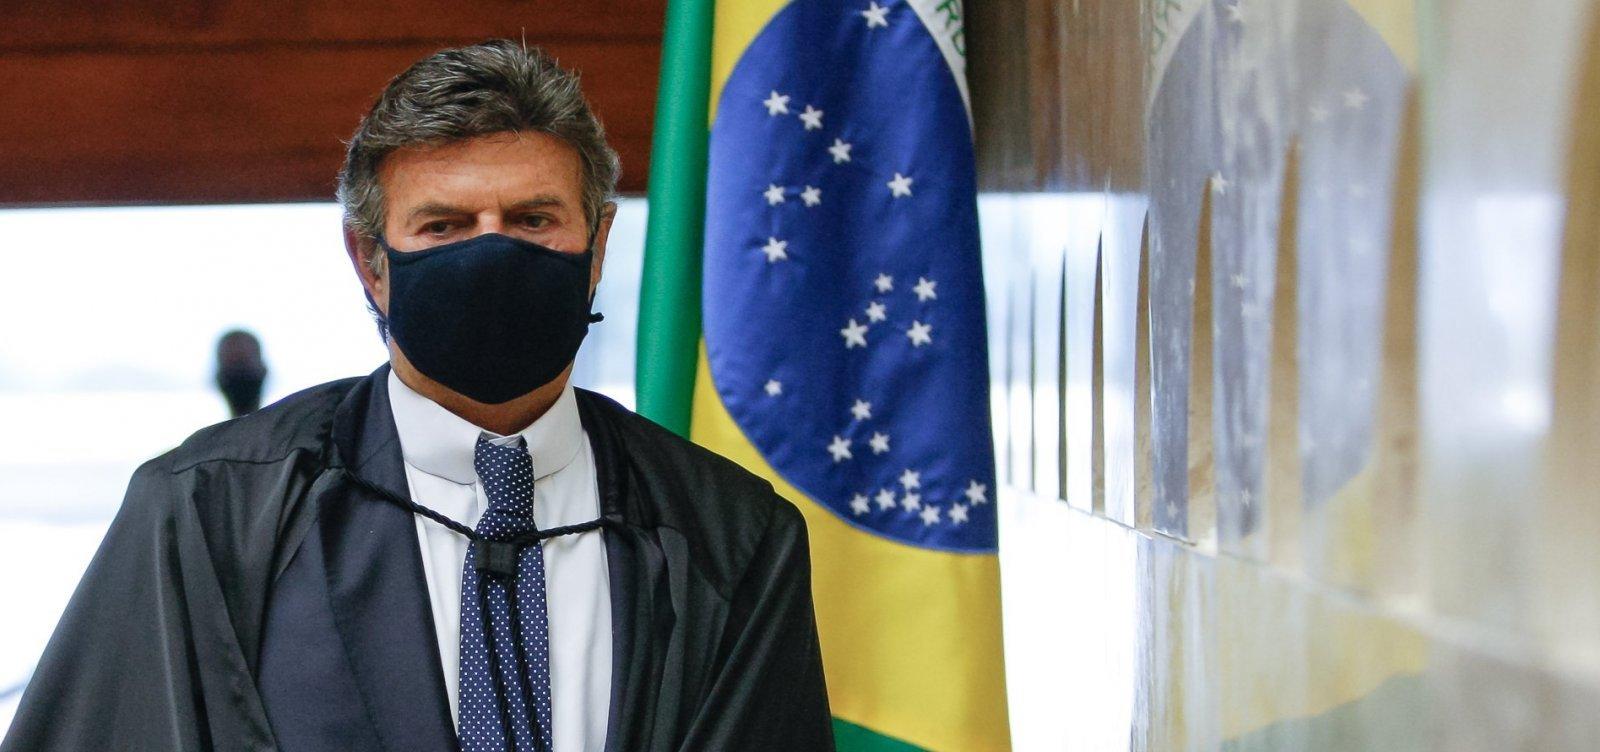 Após ameaças de Bolsonaro, Fux diz que harmonia entre os poderes não implicam impunidade